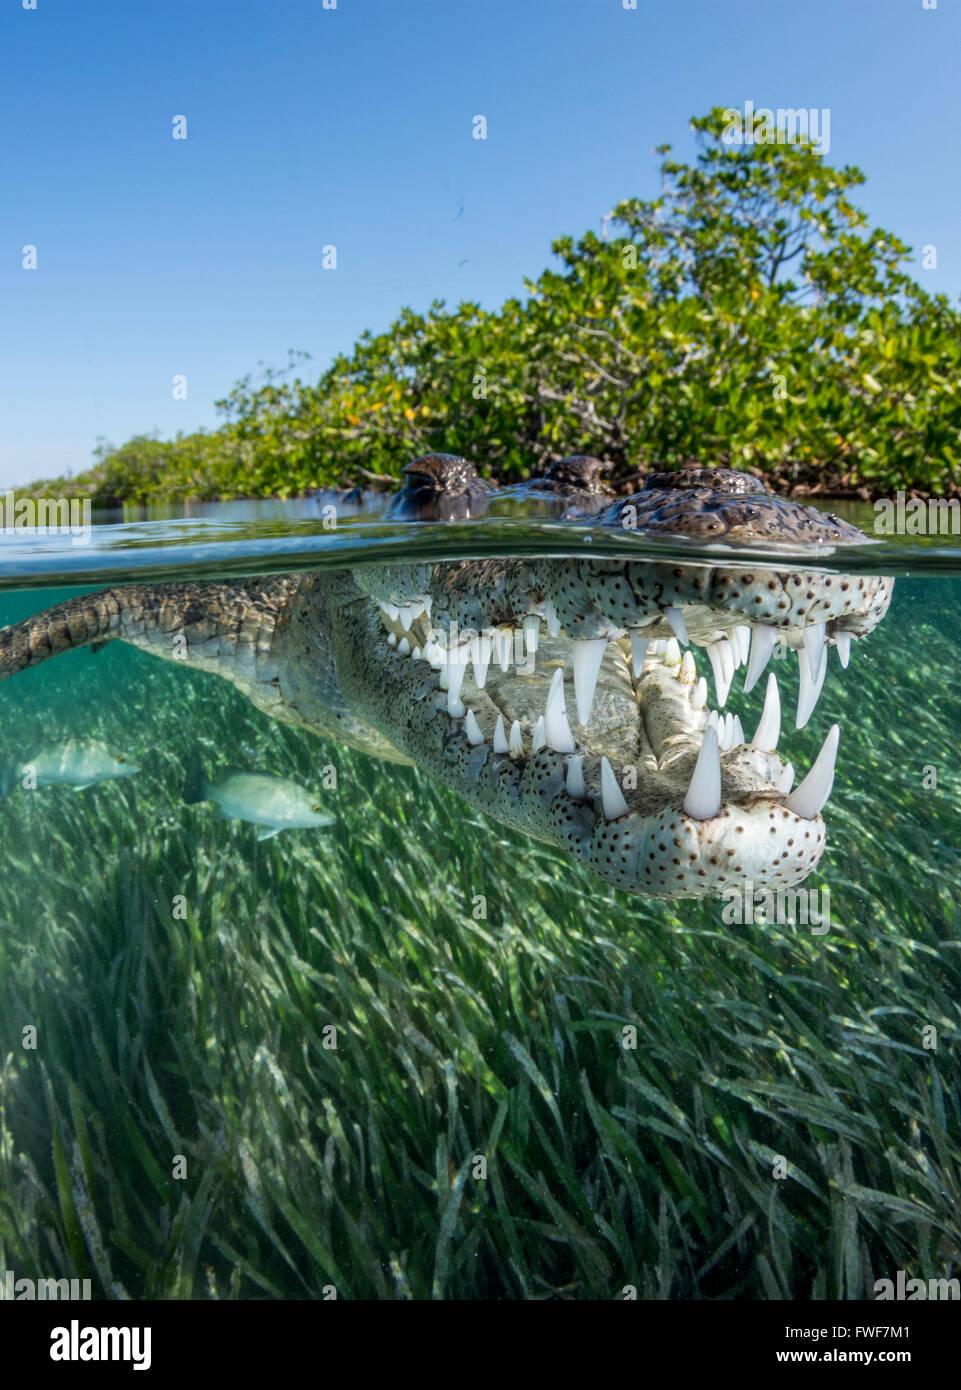 Saltwater crocodile crocodylus porosus jardines de la for Letras gijon jardines de la reina